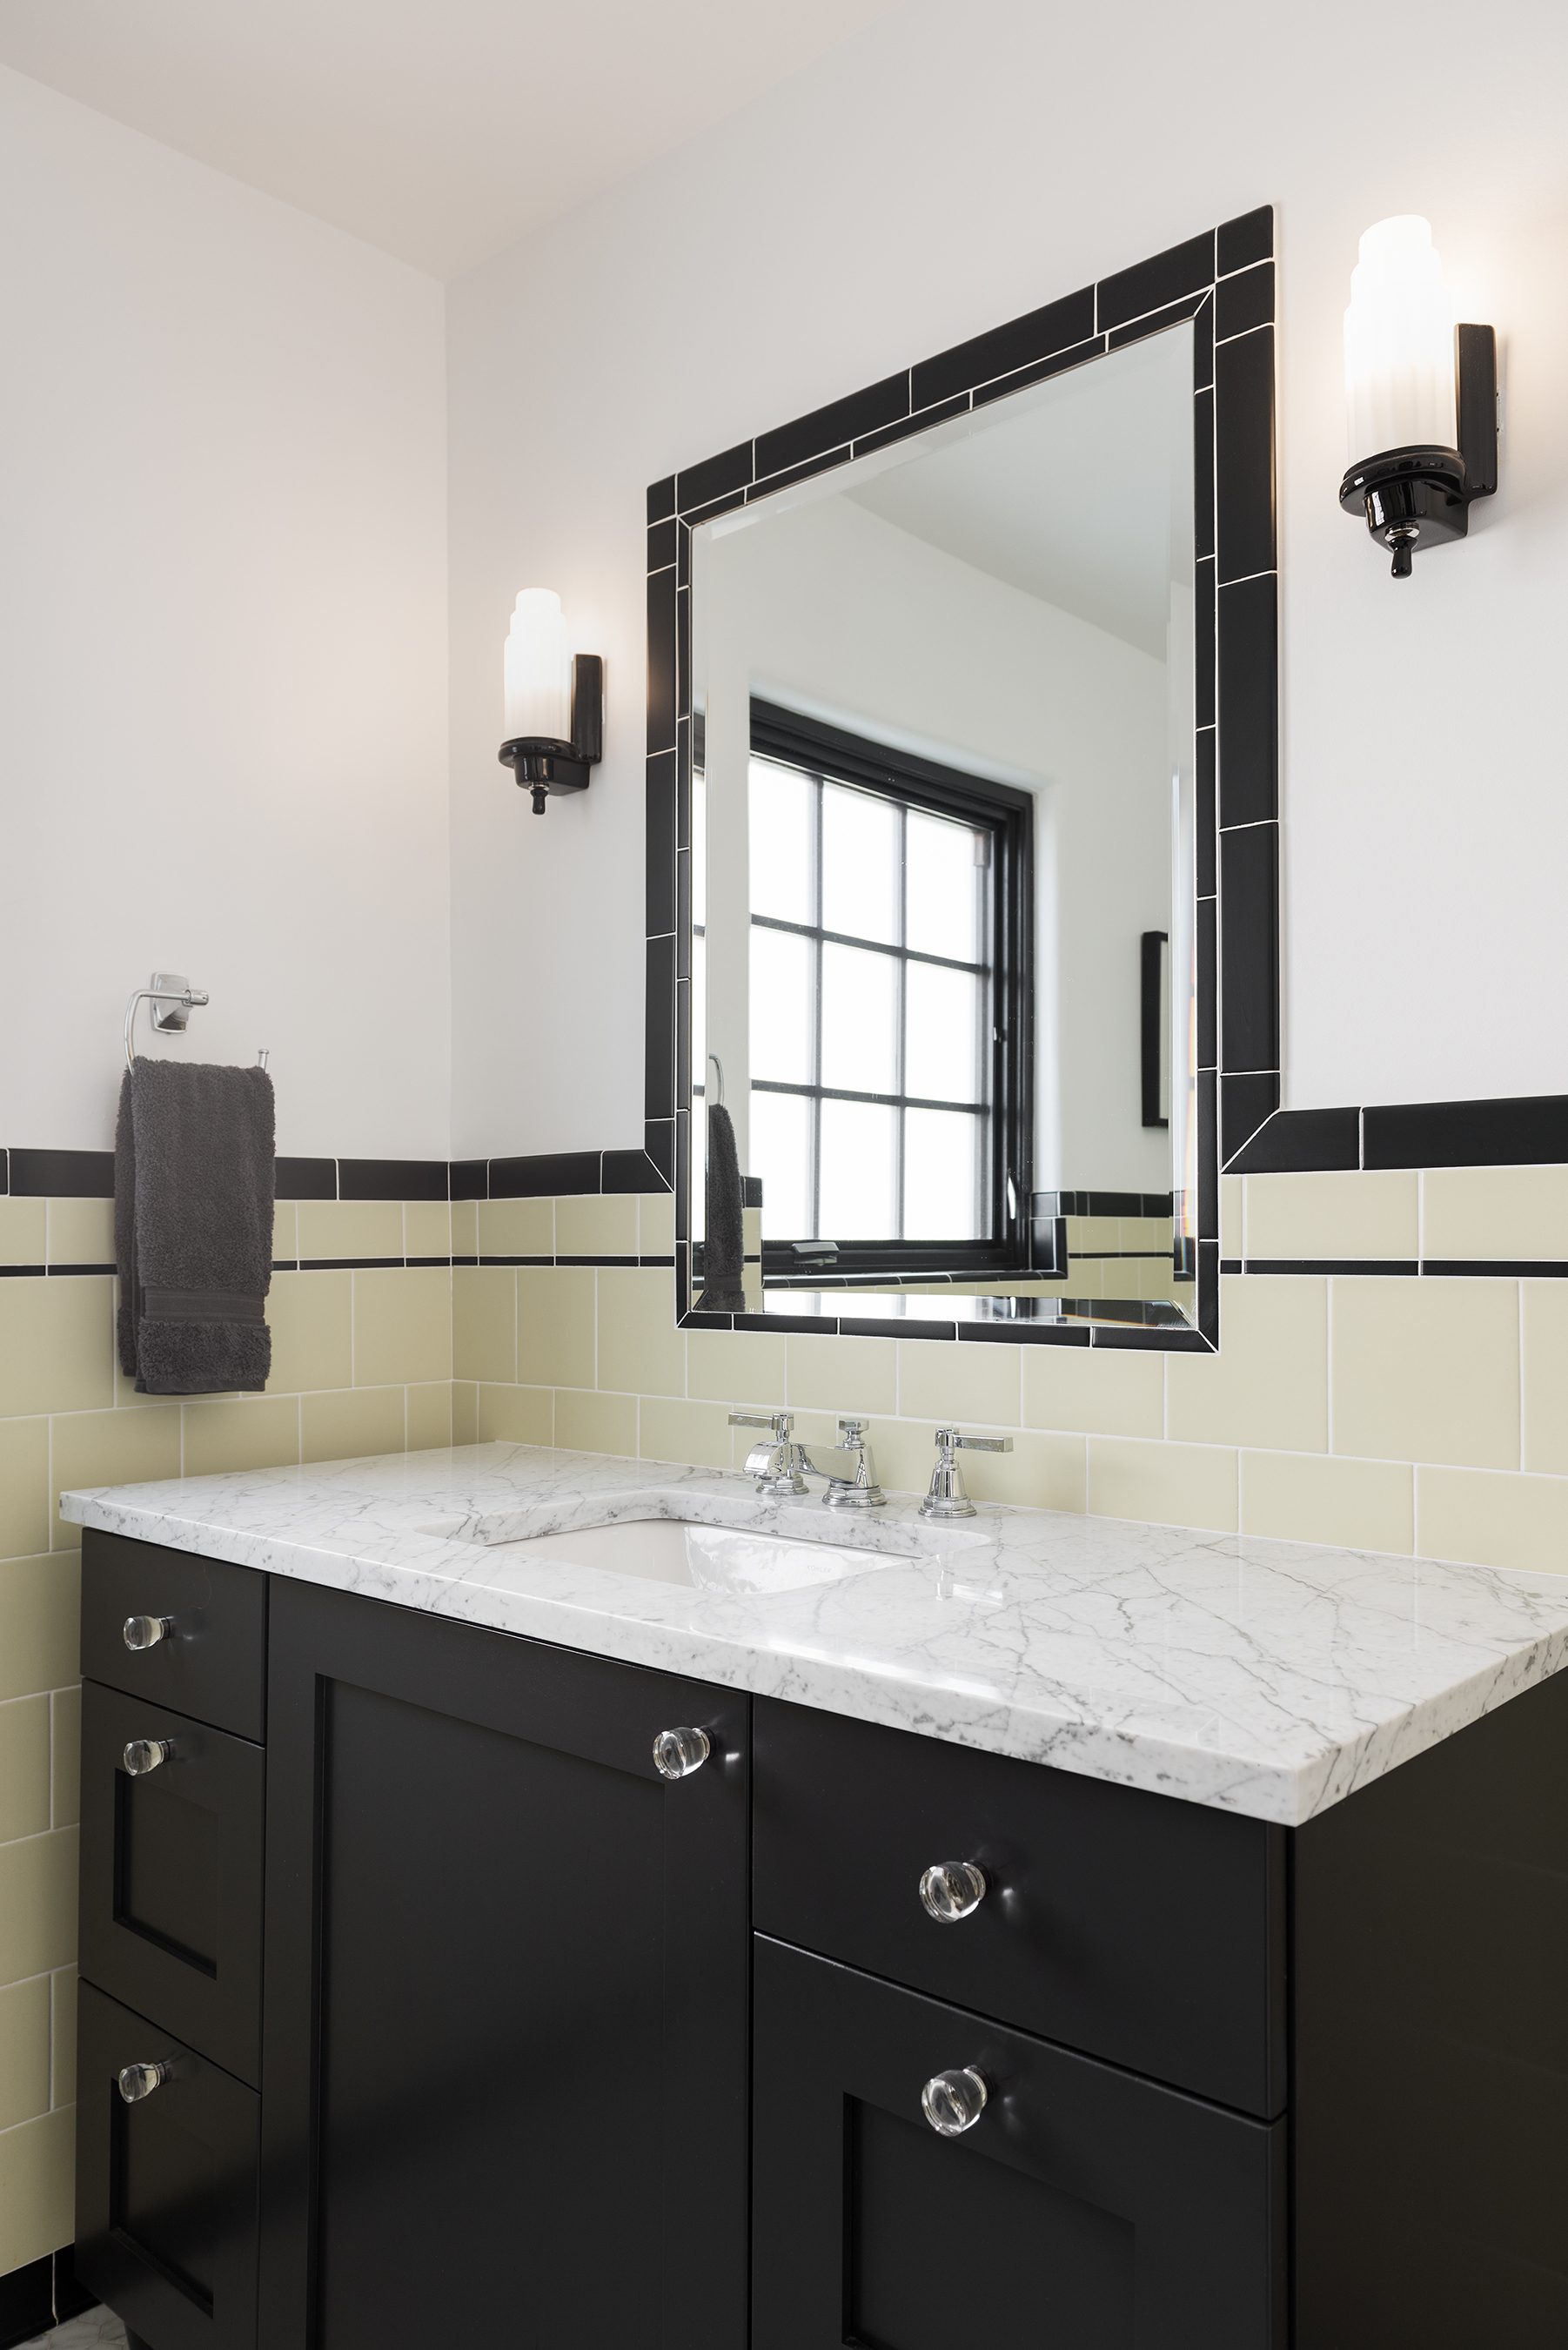 A New Historic Art Deco Guest Bathroom - enzy design ...